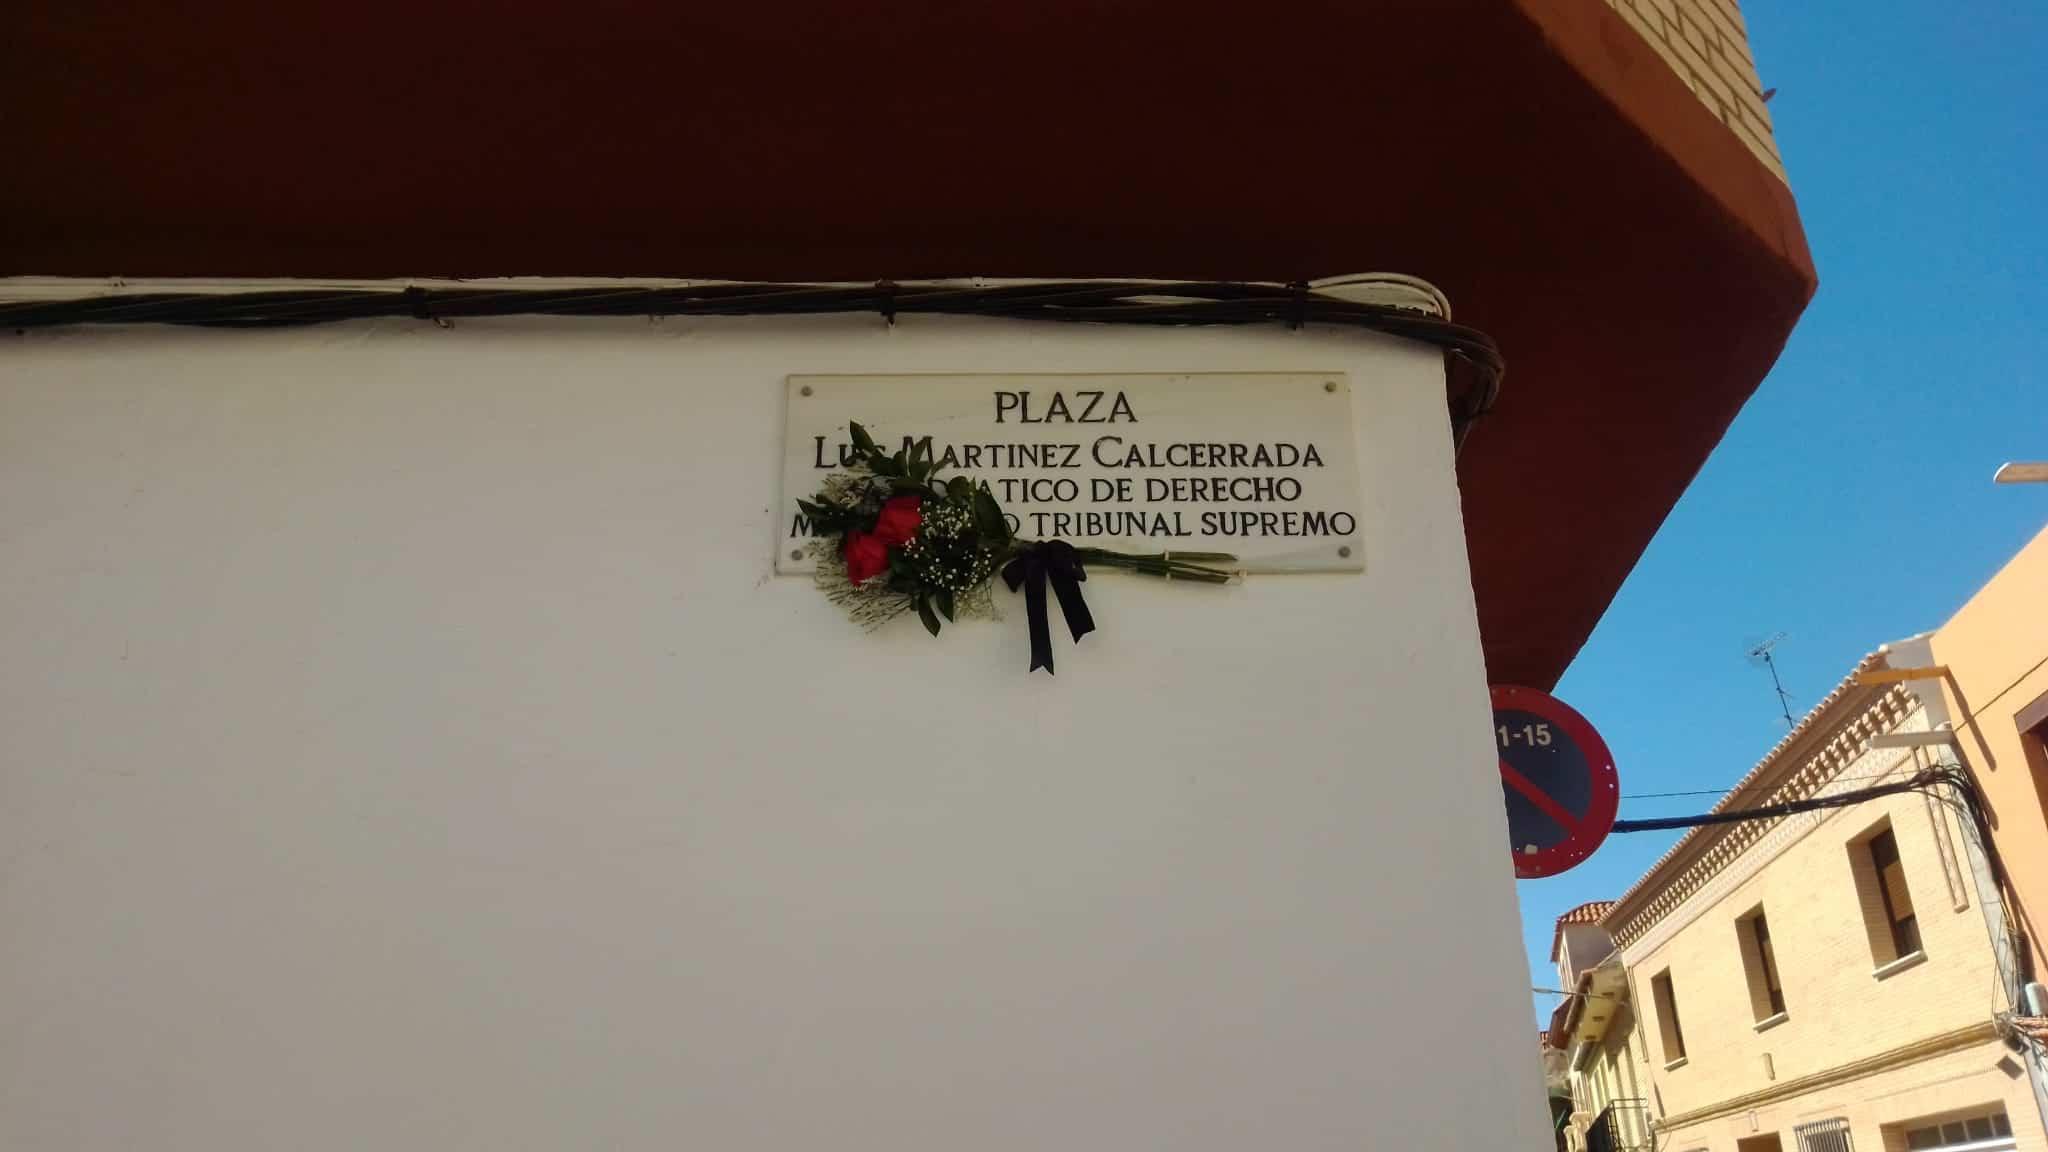 Fallece el herenciano Don Luis Martínez-Calcerrada y Gómez, hijo predilecto de la localidad 6